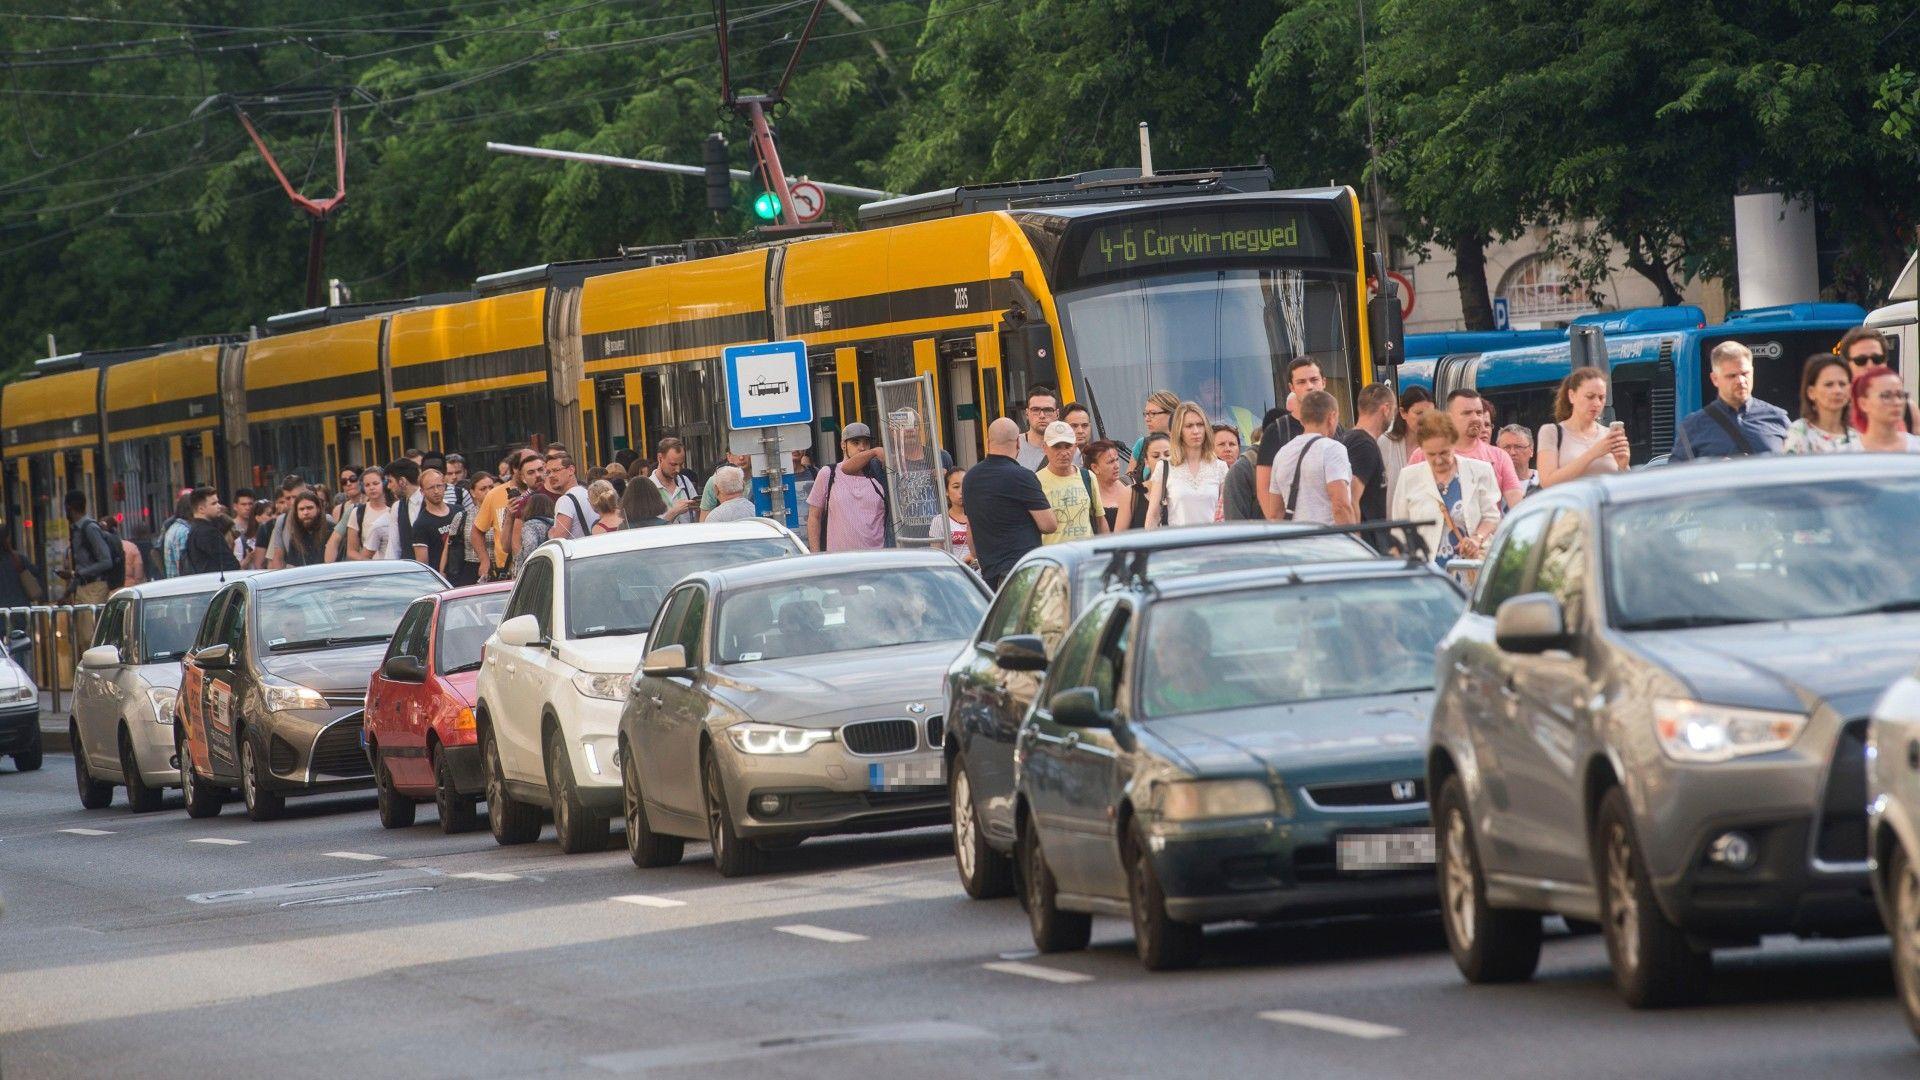 Csökkentenék a járatokon a tumultust (Fotó: MTI/Balogh Zoltán)